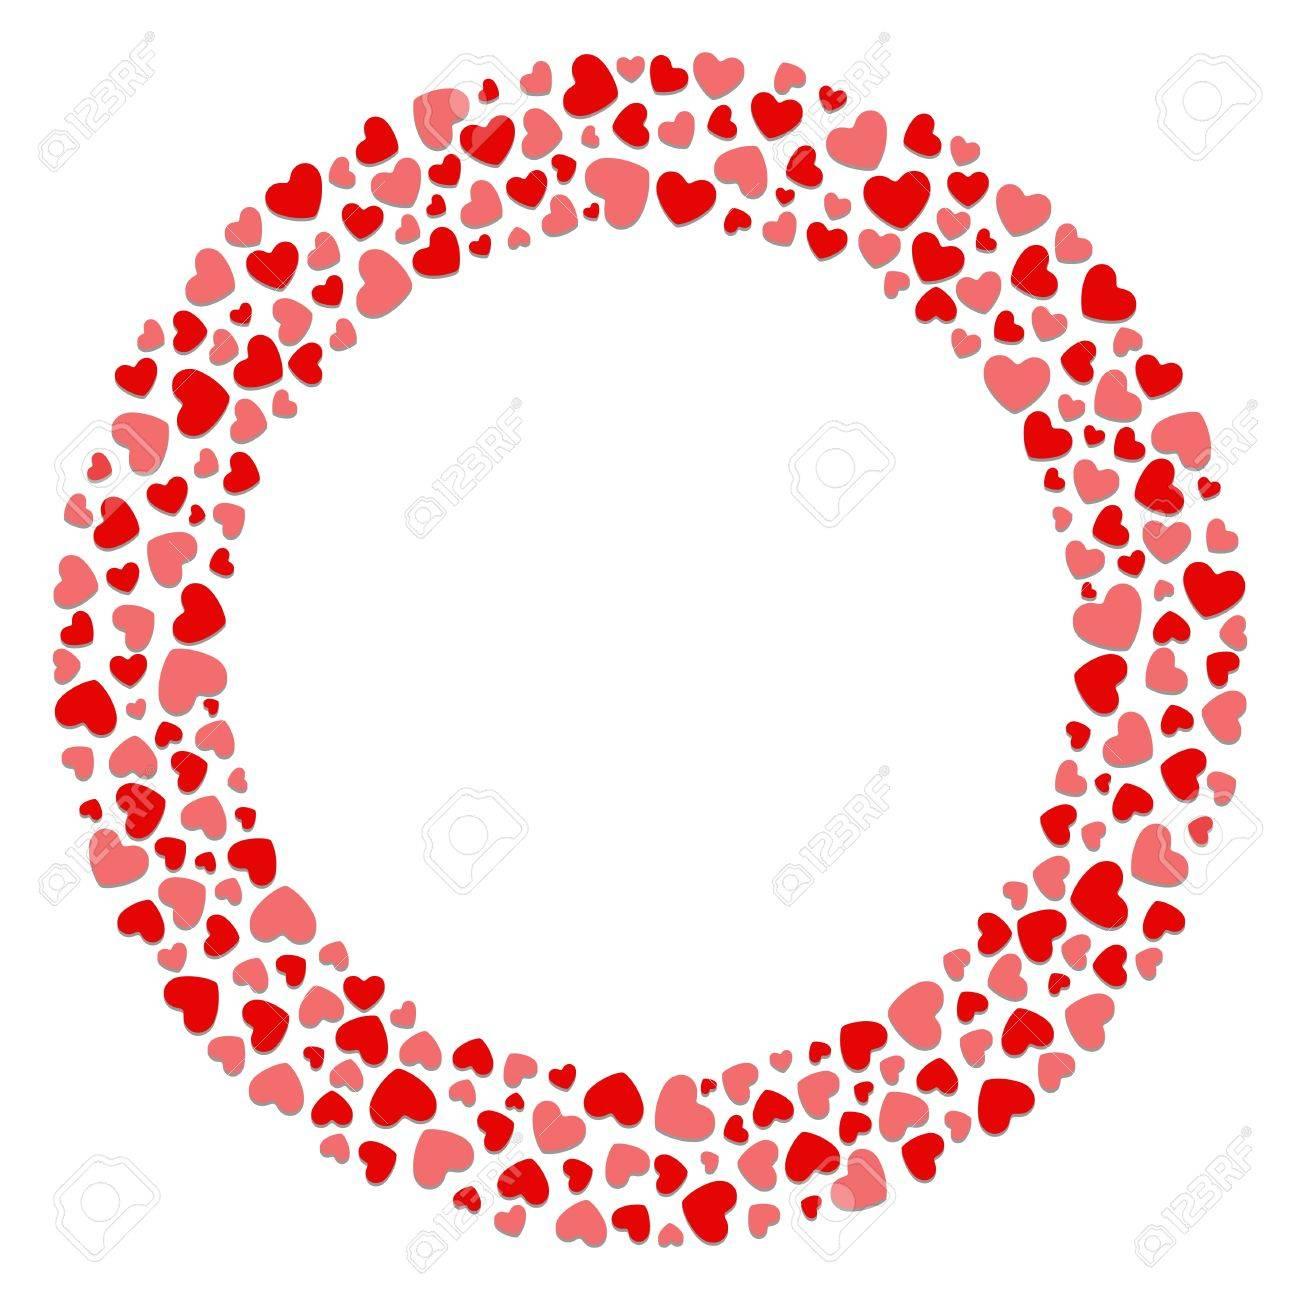 Round Hearts Frame Valentine Day Or Wedding Vector Background ...